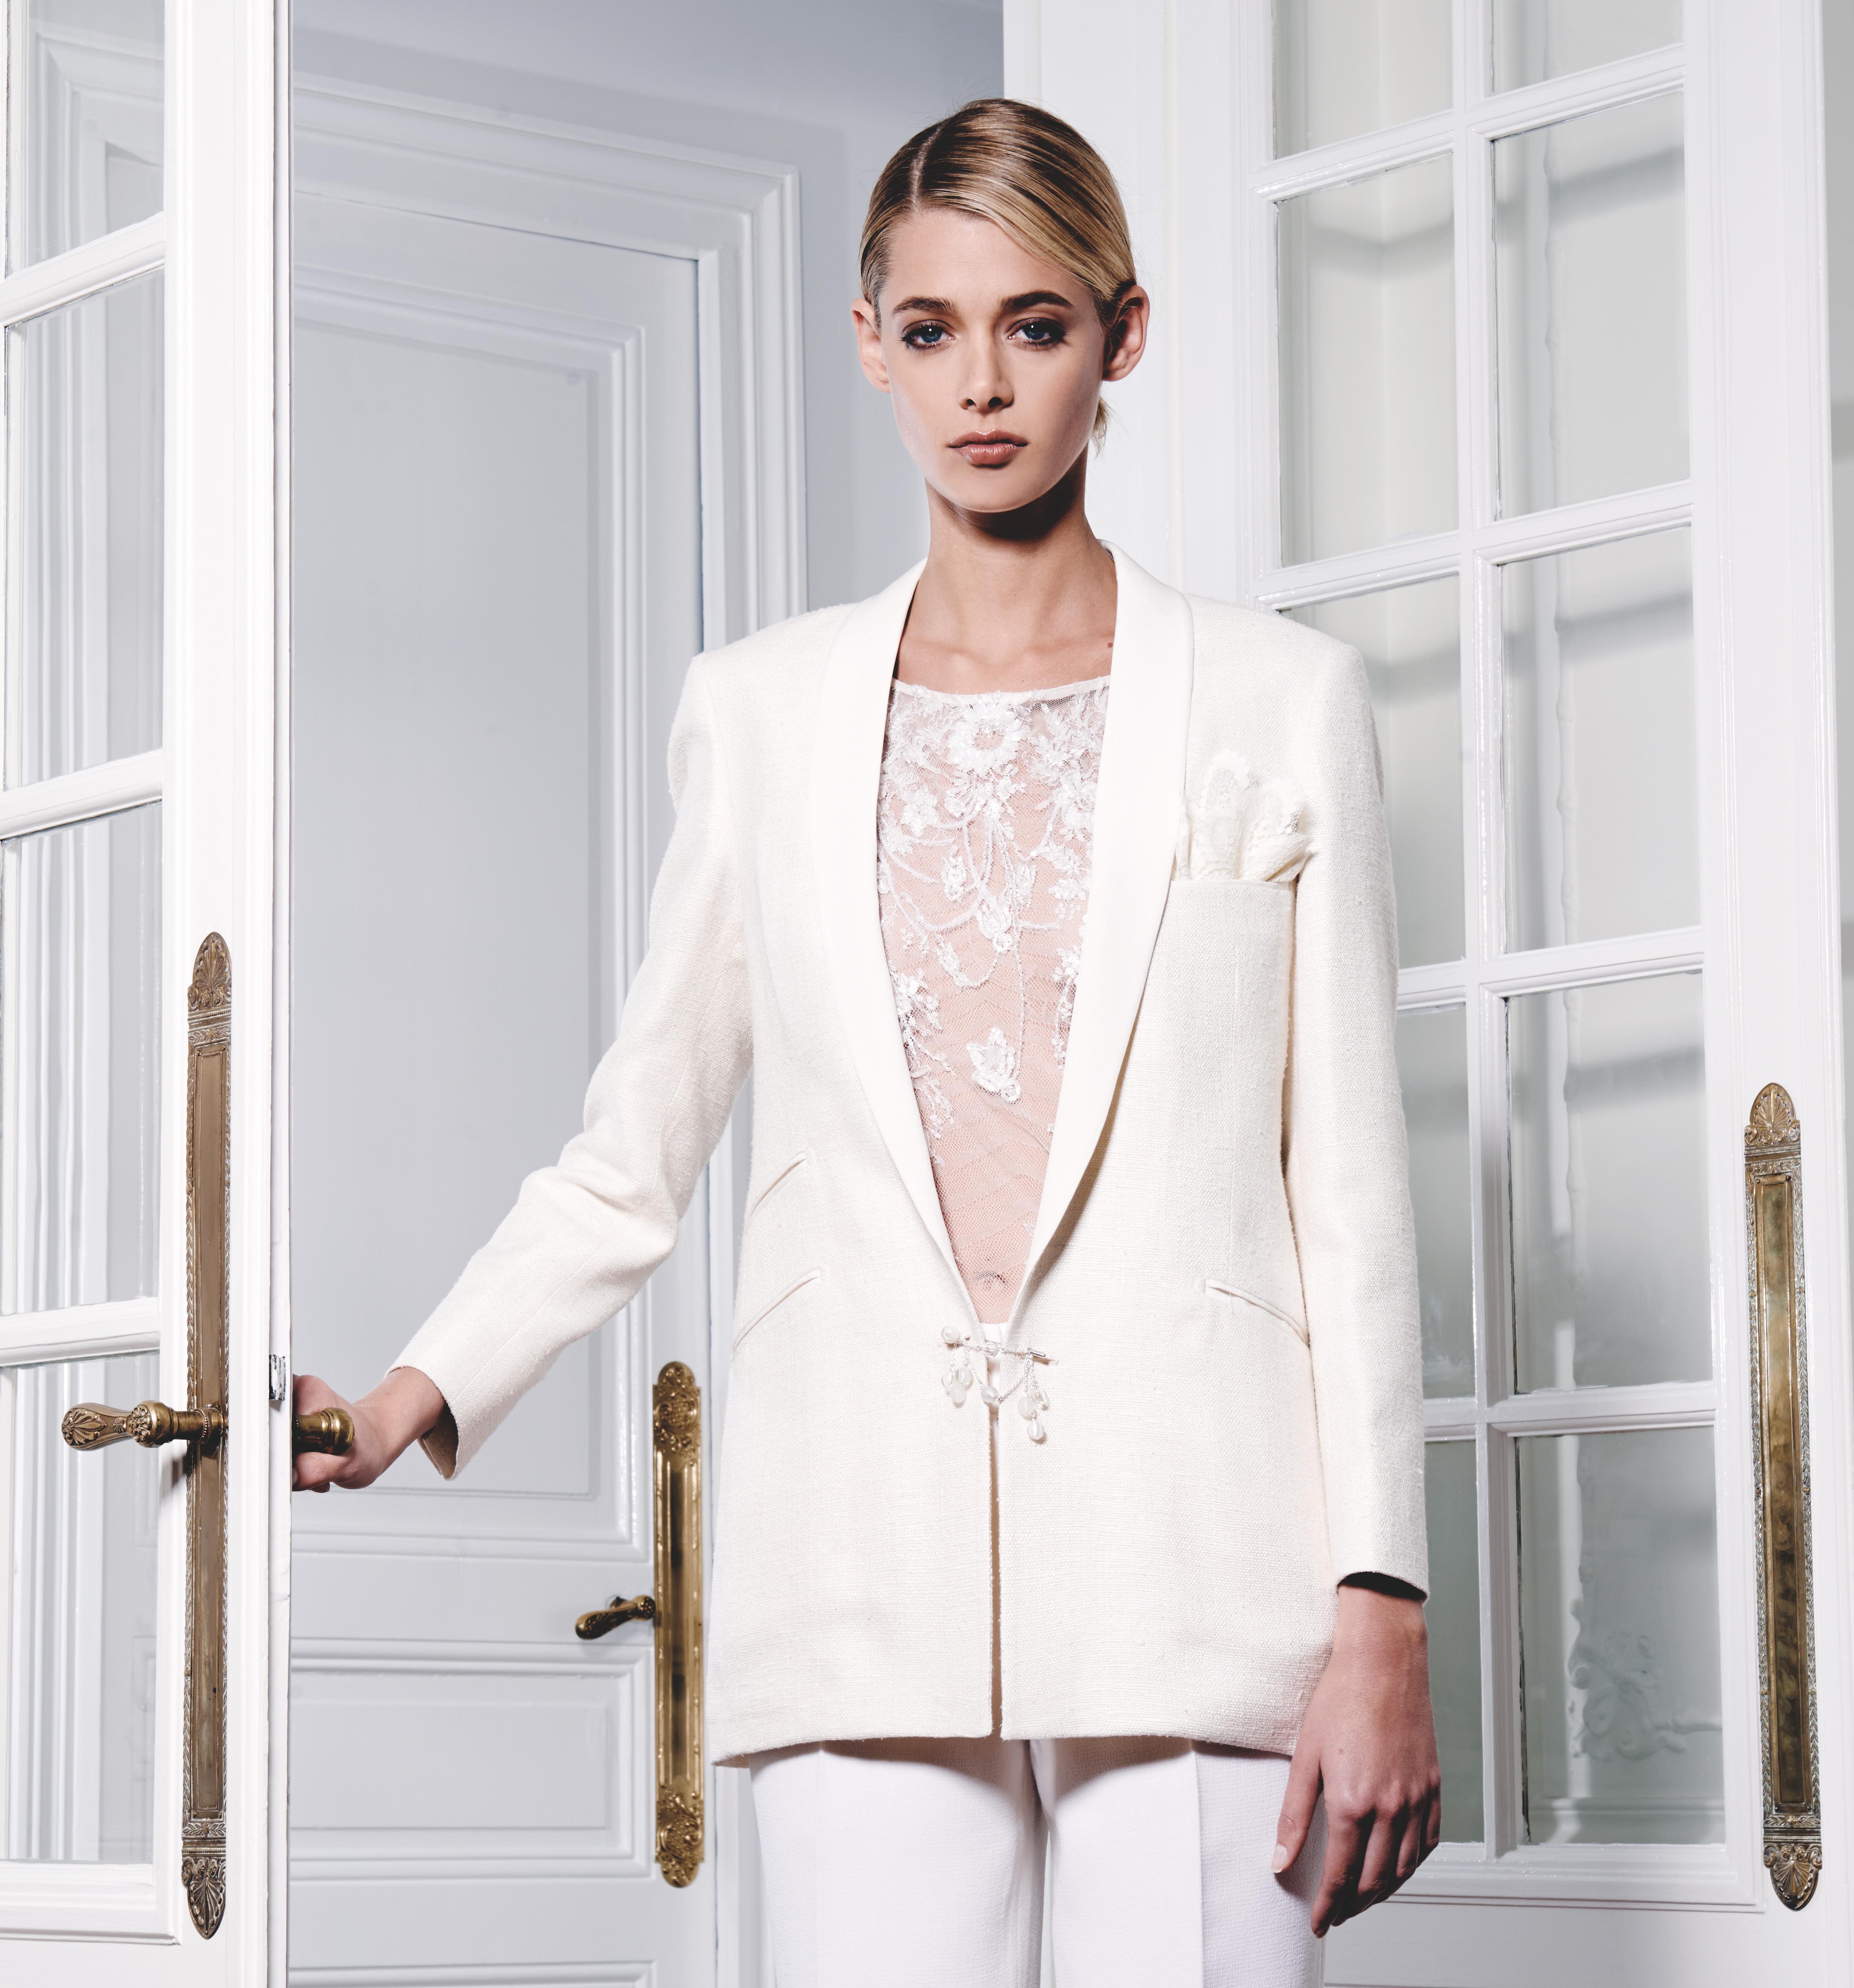 Tailleur pantalon blanc pour mariée